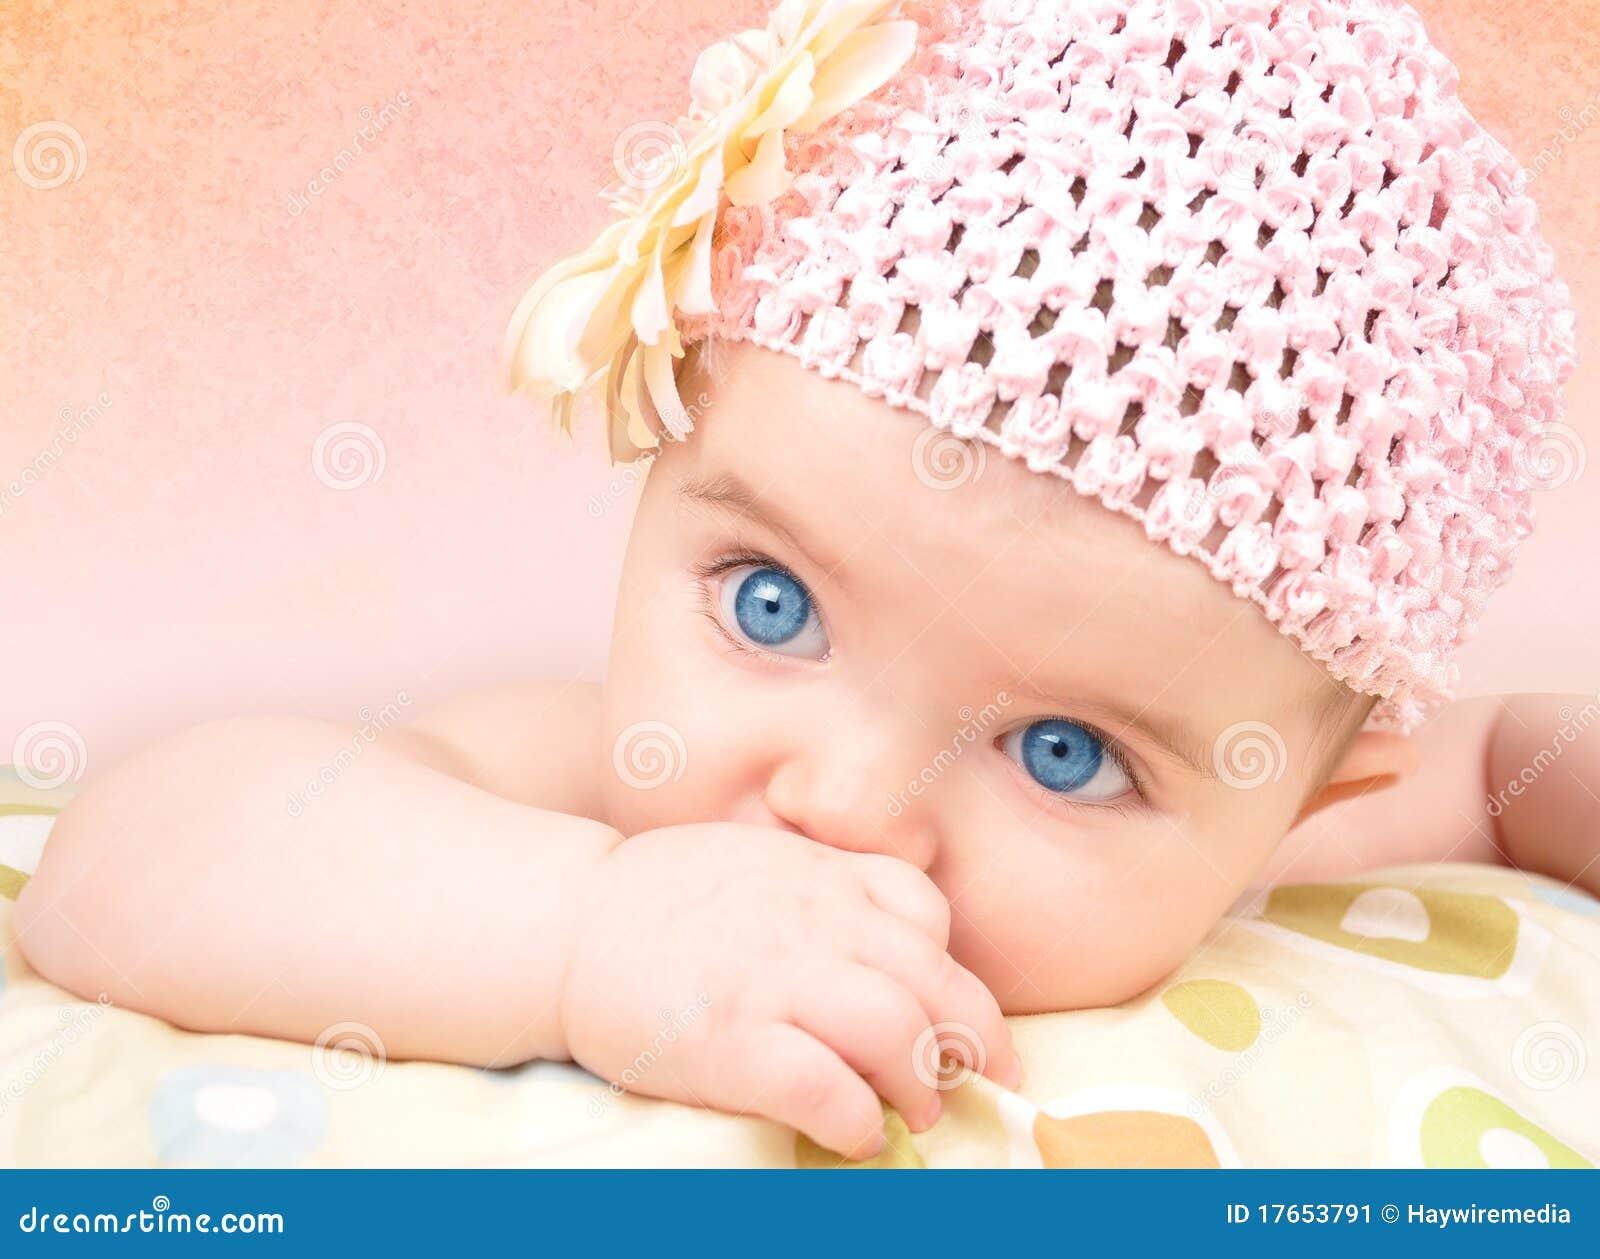 Bébé Avec Le Chapeau De Fleur Image stock - Image du naissance ... 5a59496cac7